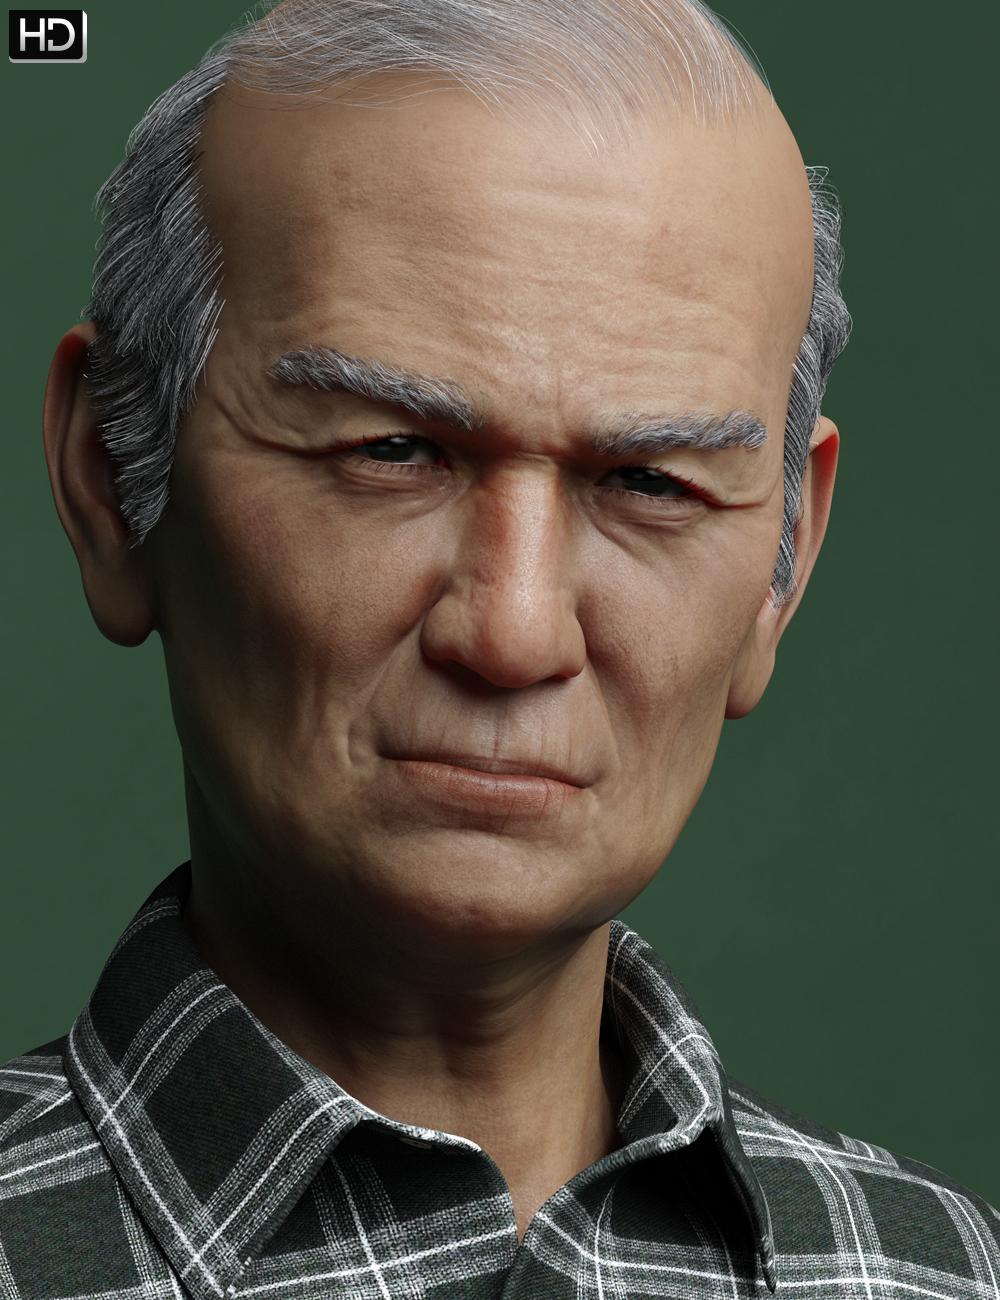 Gui HD for Mr Woo 8 by: Emrys, 3D Models by Daz 3D